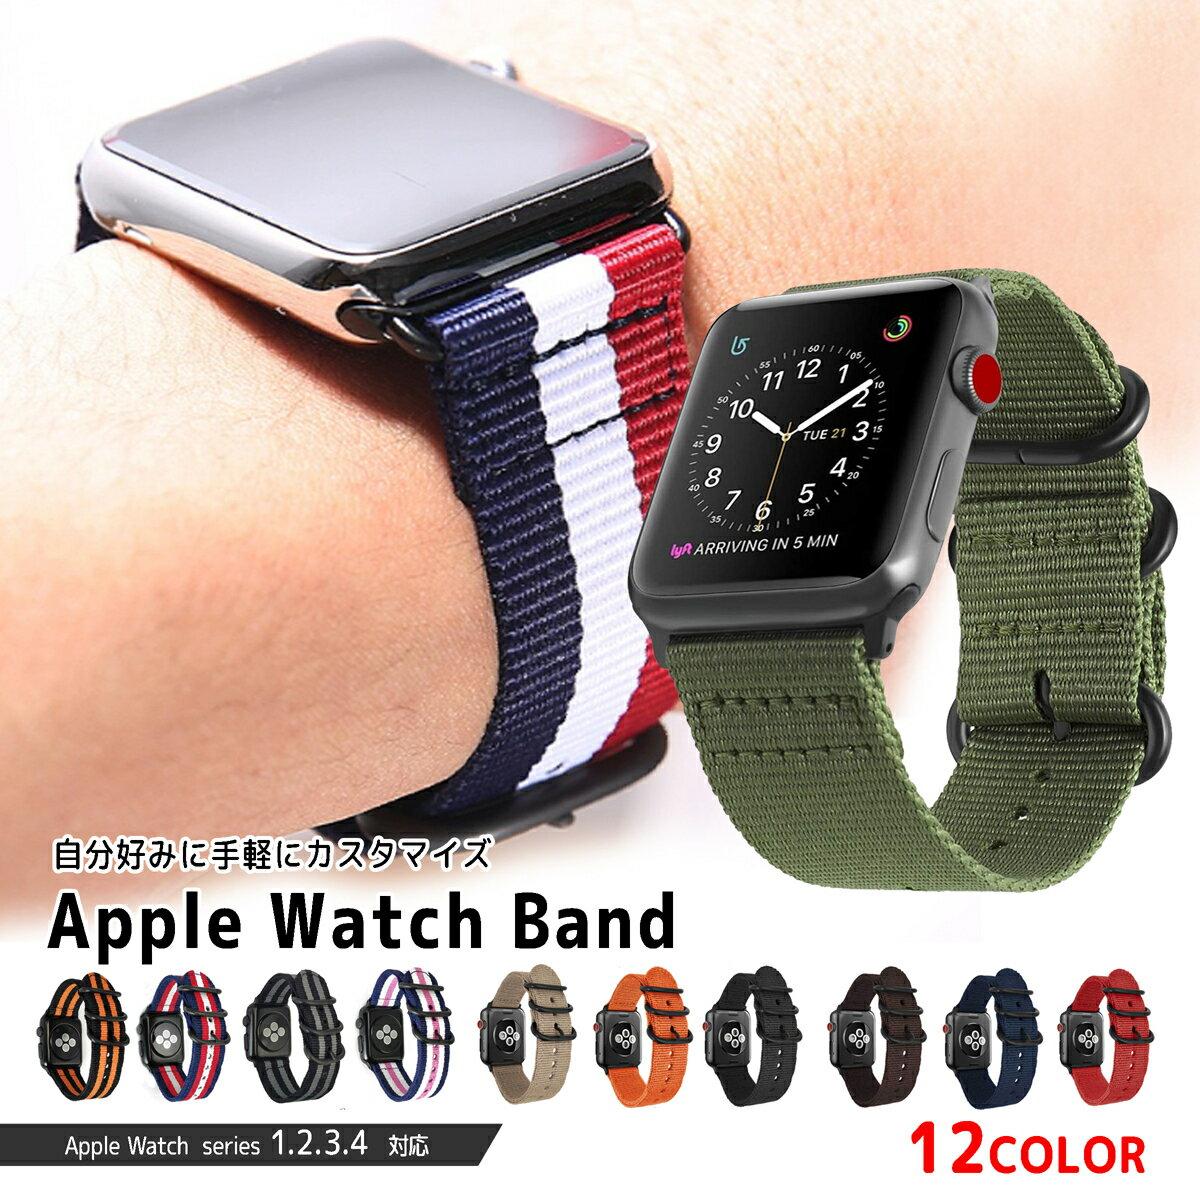 腕時計用アクセサリー, 腕時計用ベルト・バンド P10 applewatch Nato apple watch series4 40mm 44mm 38mm 42mm Series 1 2 3 4 5